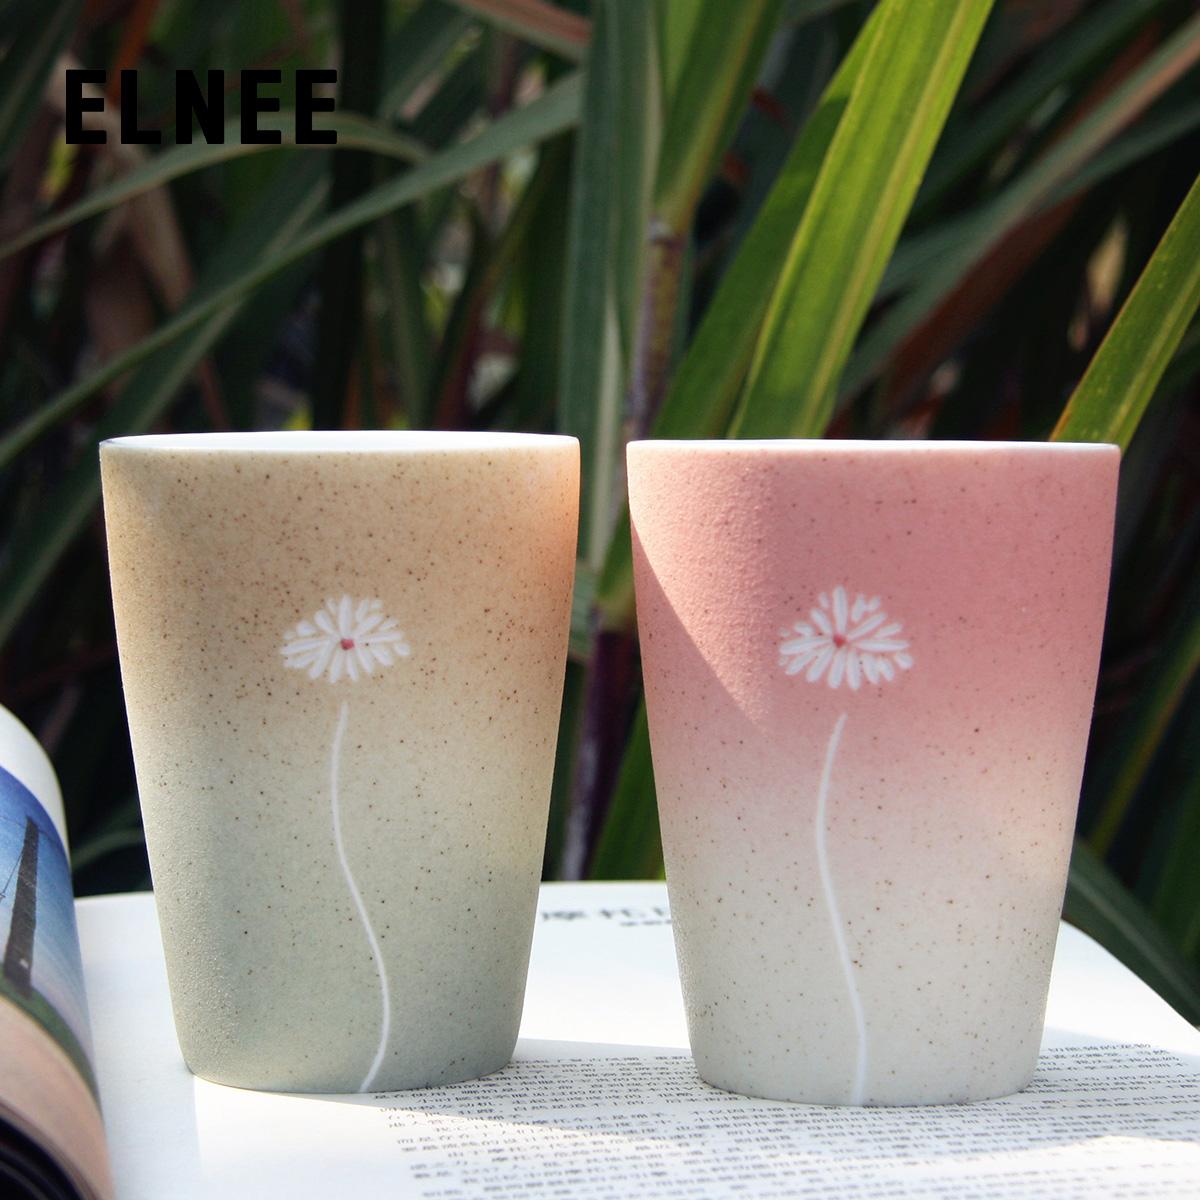 手绘雏菊创意陶瓷杯子牛奶马克水杯情侣实用生日定制礼物圣诞礼品商品